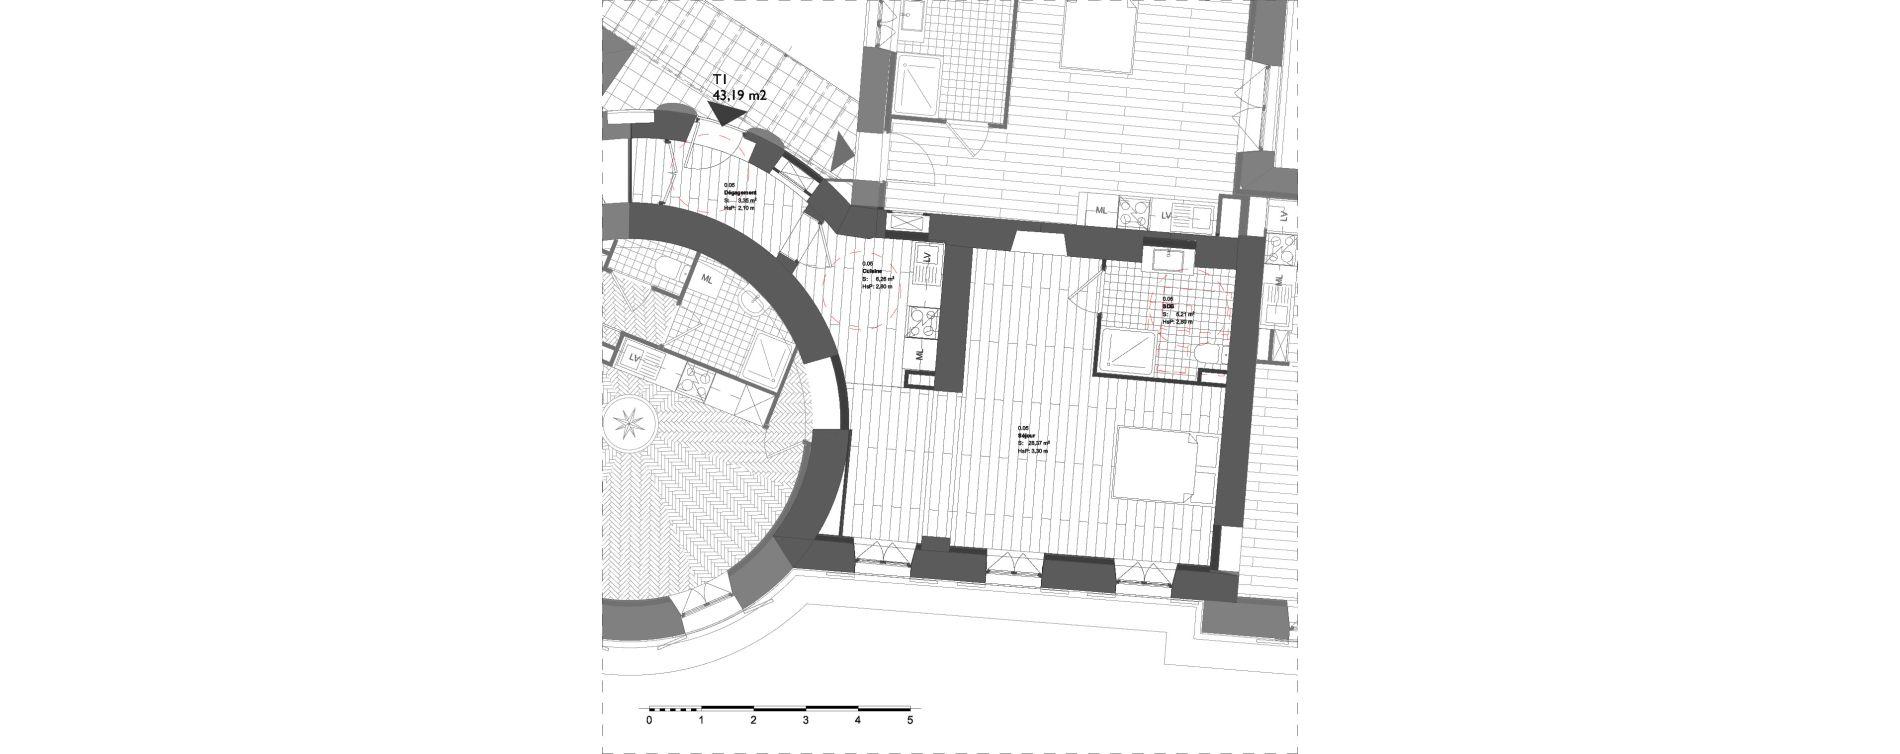 Appartement T1 de 43,19 m2 à La Londe-Les-Maures Centre